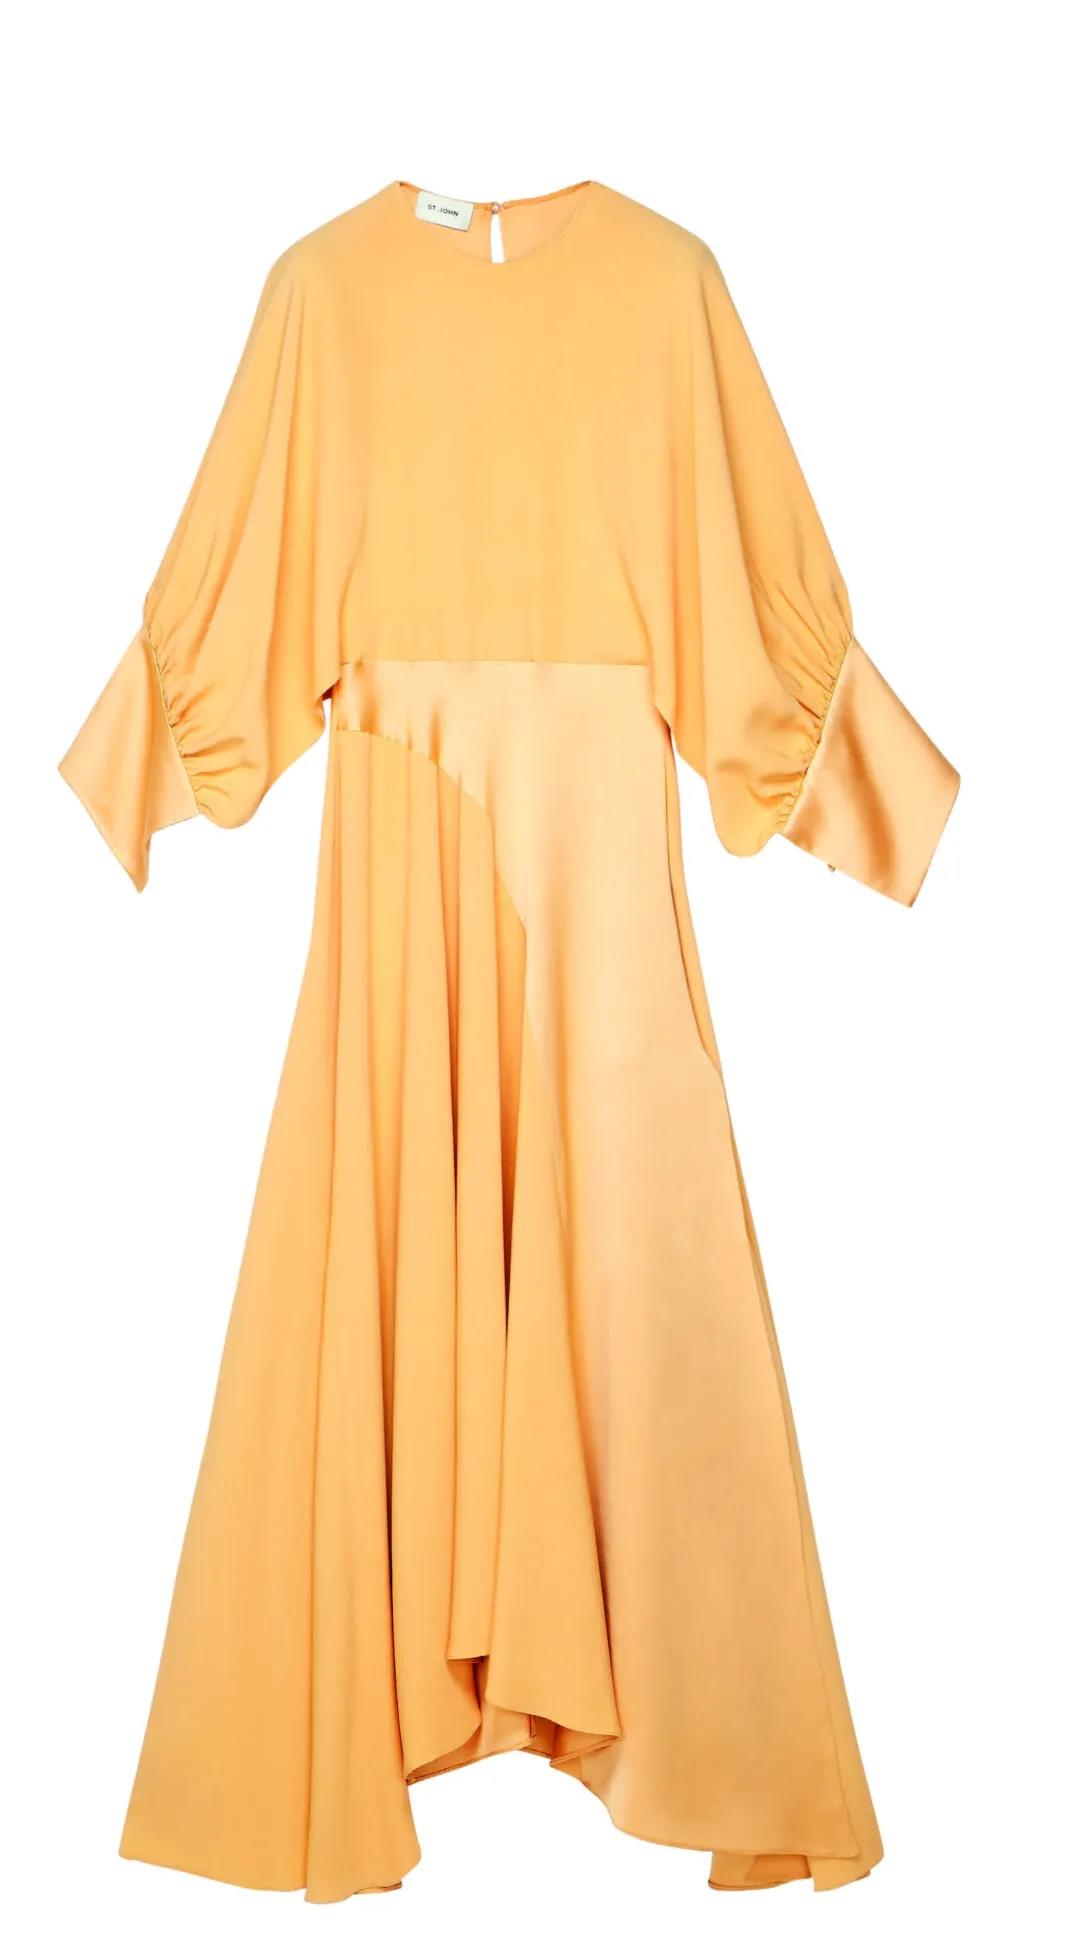 美国加州橙县尔湾时尚岛购物中心St. John连衣裙